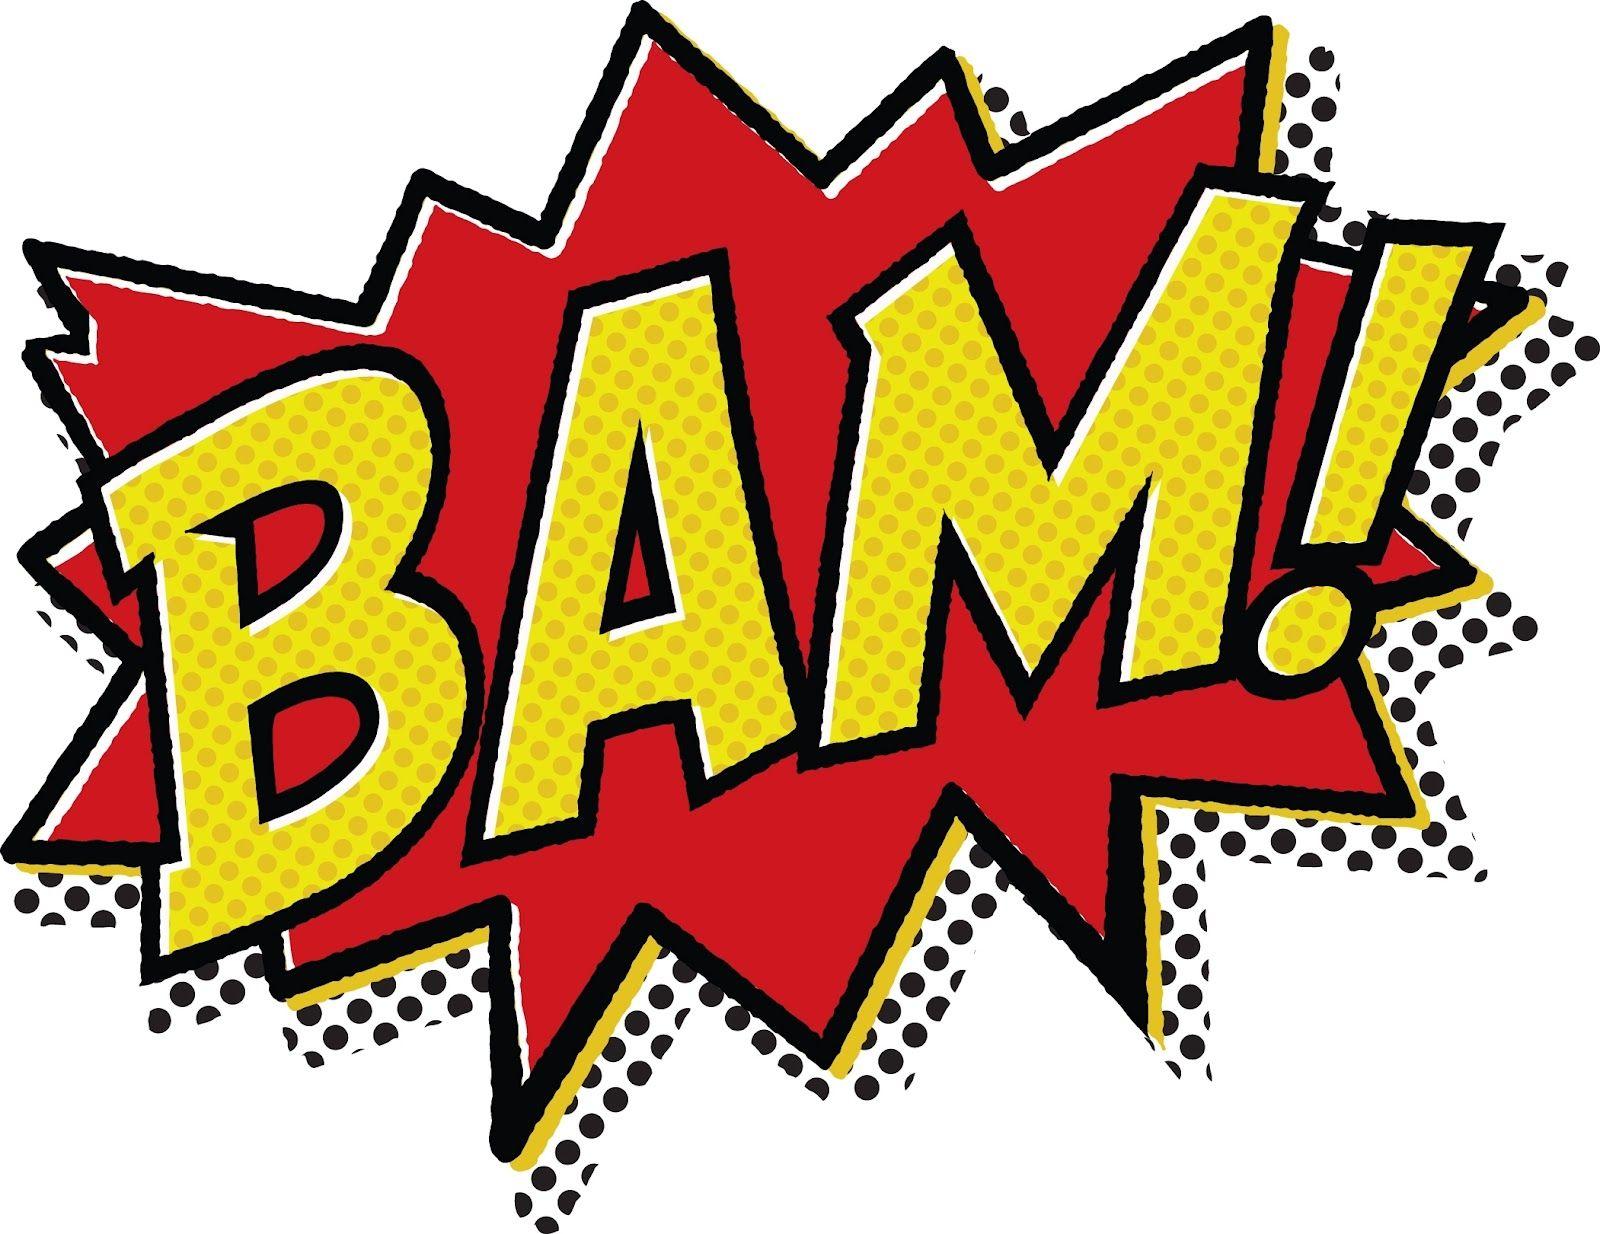 Clipart comic book vector library stock bam! picture super hero comic book décor diy | Batman! | Pop art ... vector library stock